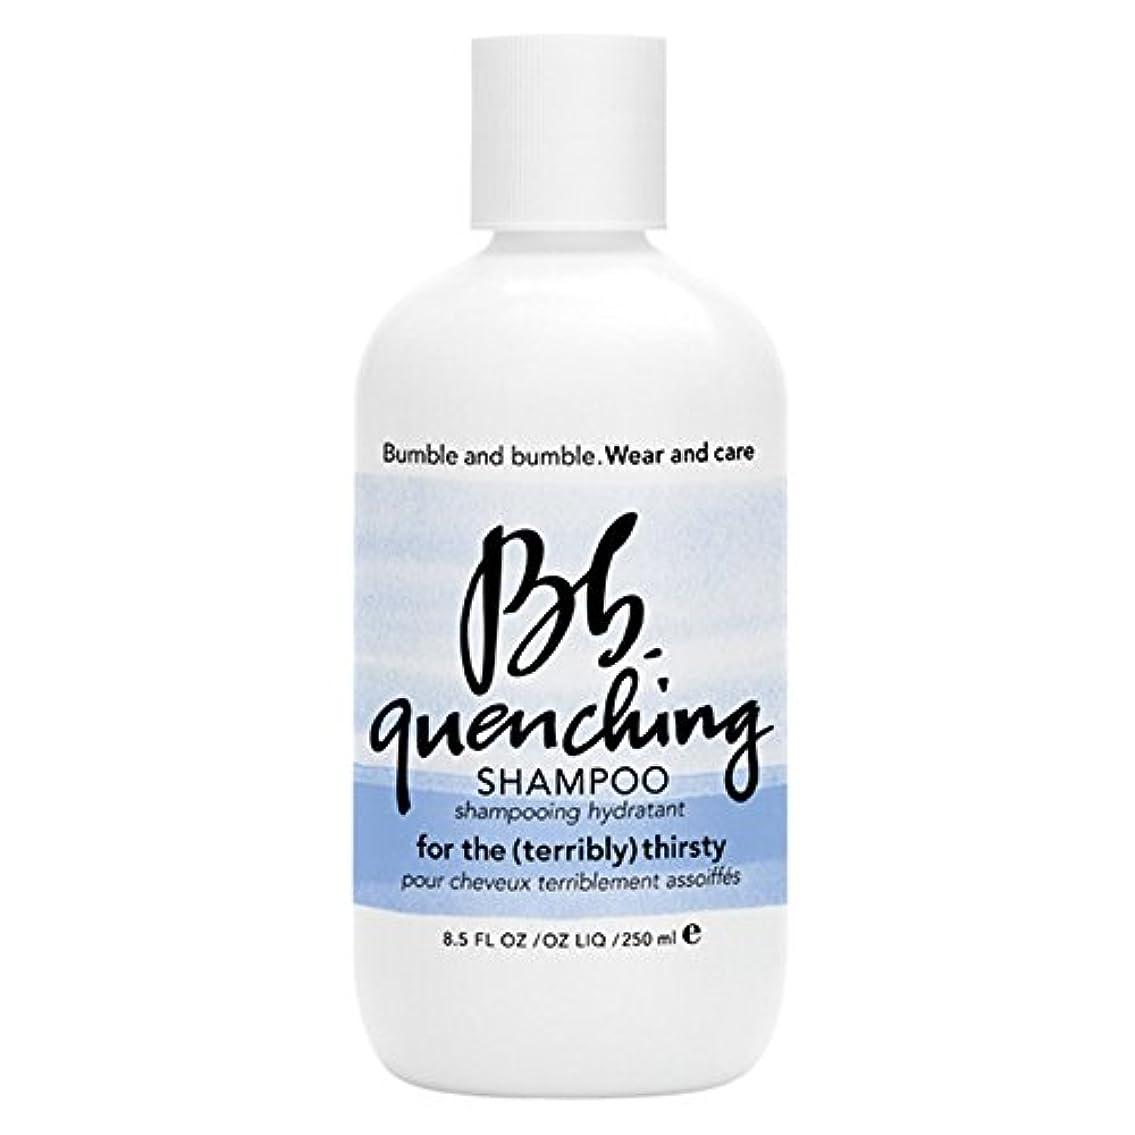 傾く公式コードバンブルアンドバンブル急冷シャンプー250ミリリットル (Bumble and bumble) (x6) - Bumble and bumble Quenching Shampoo 250ml (Pack of 6) [並行輸入品]